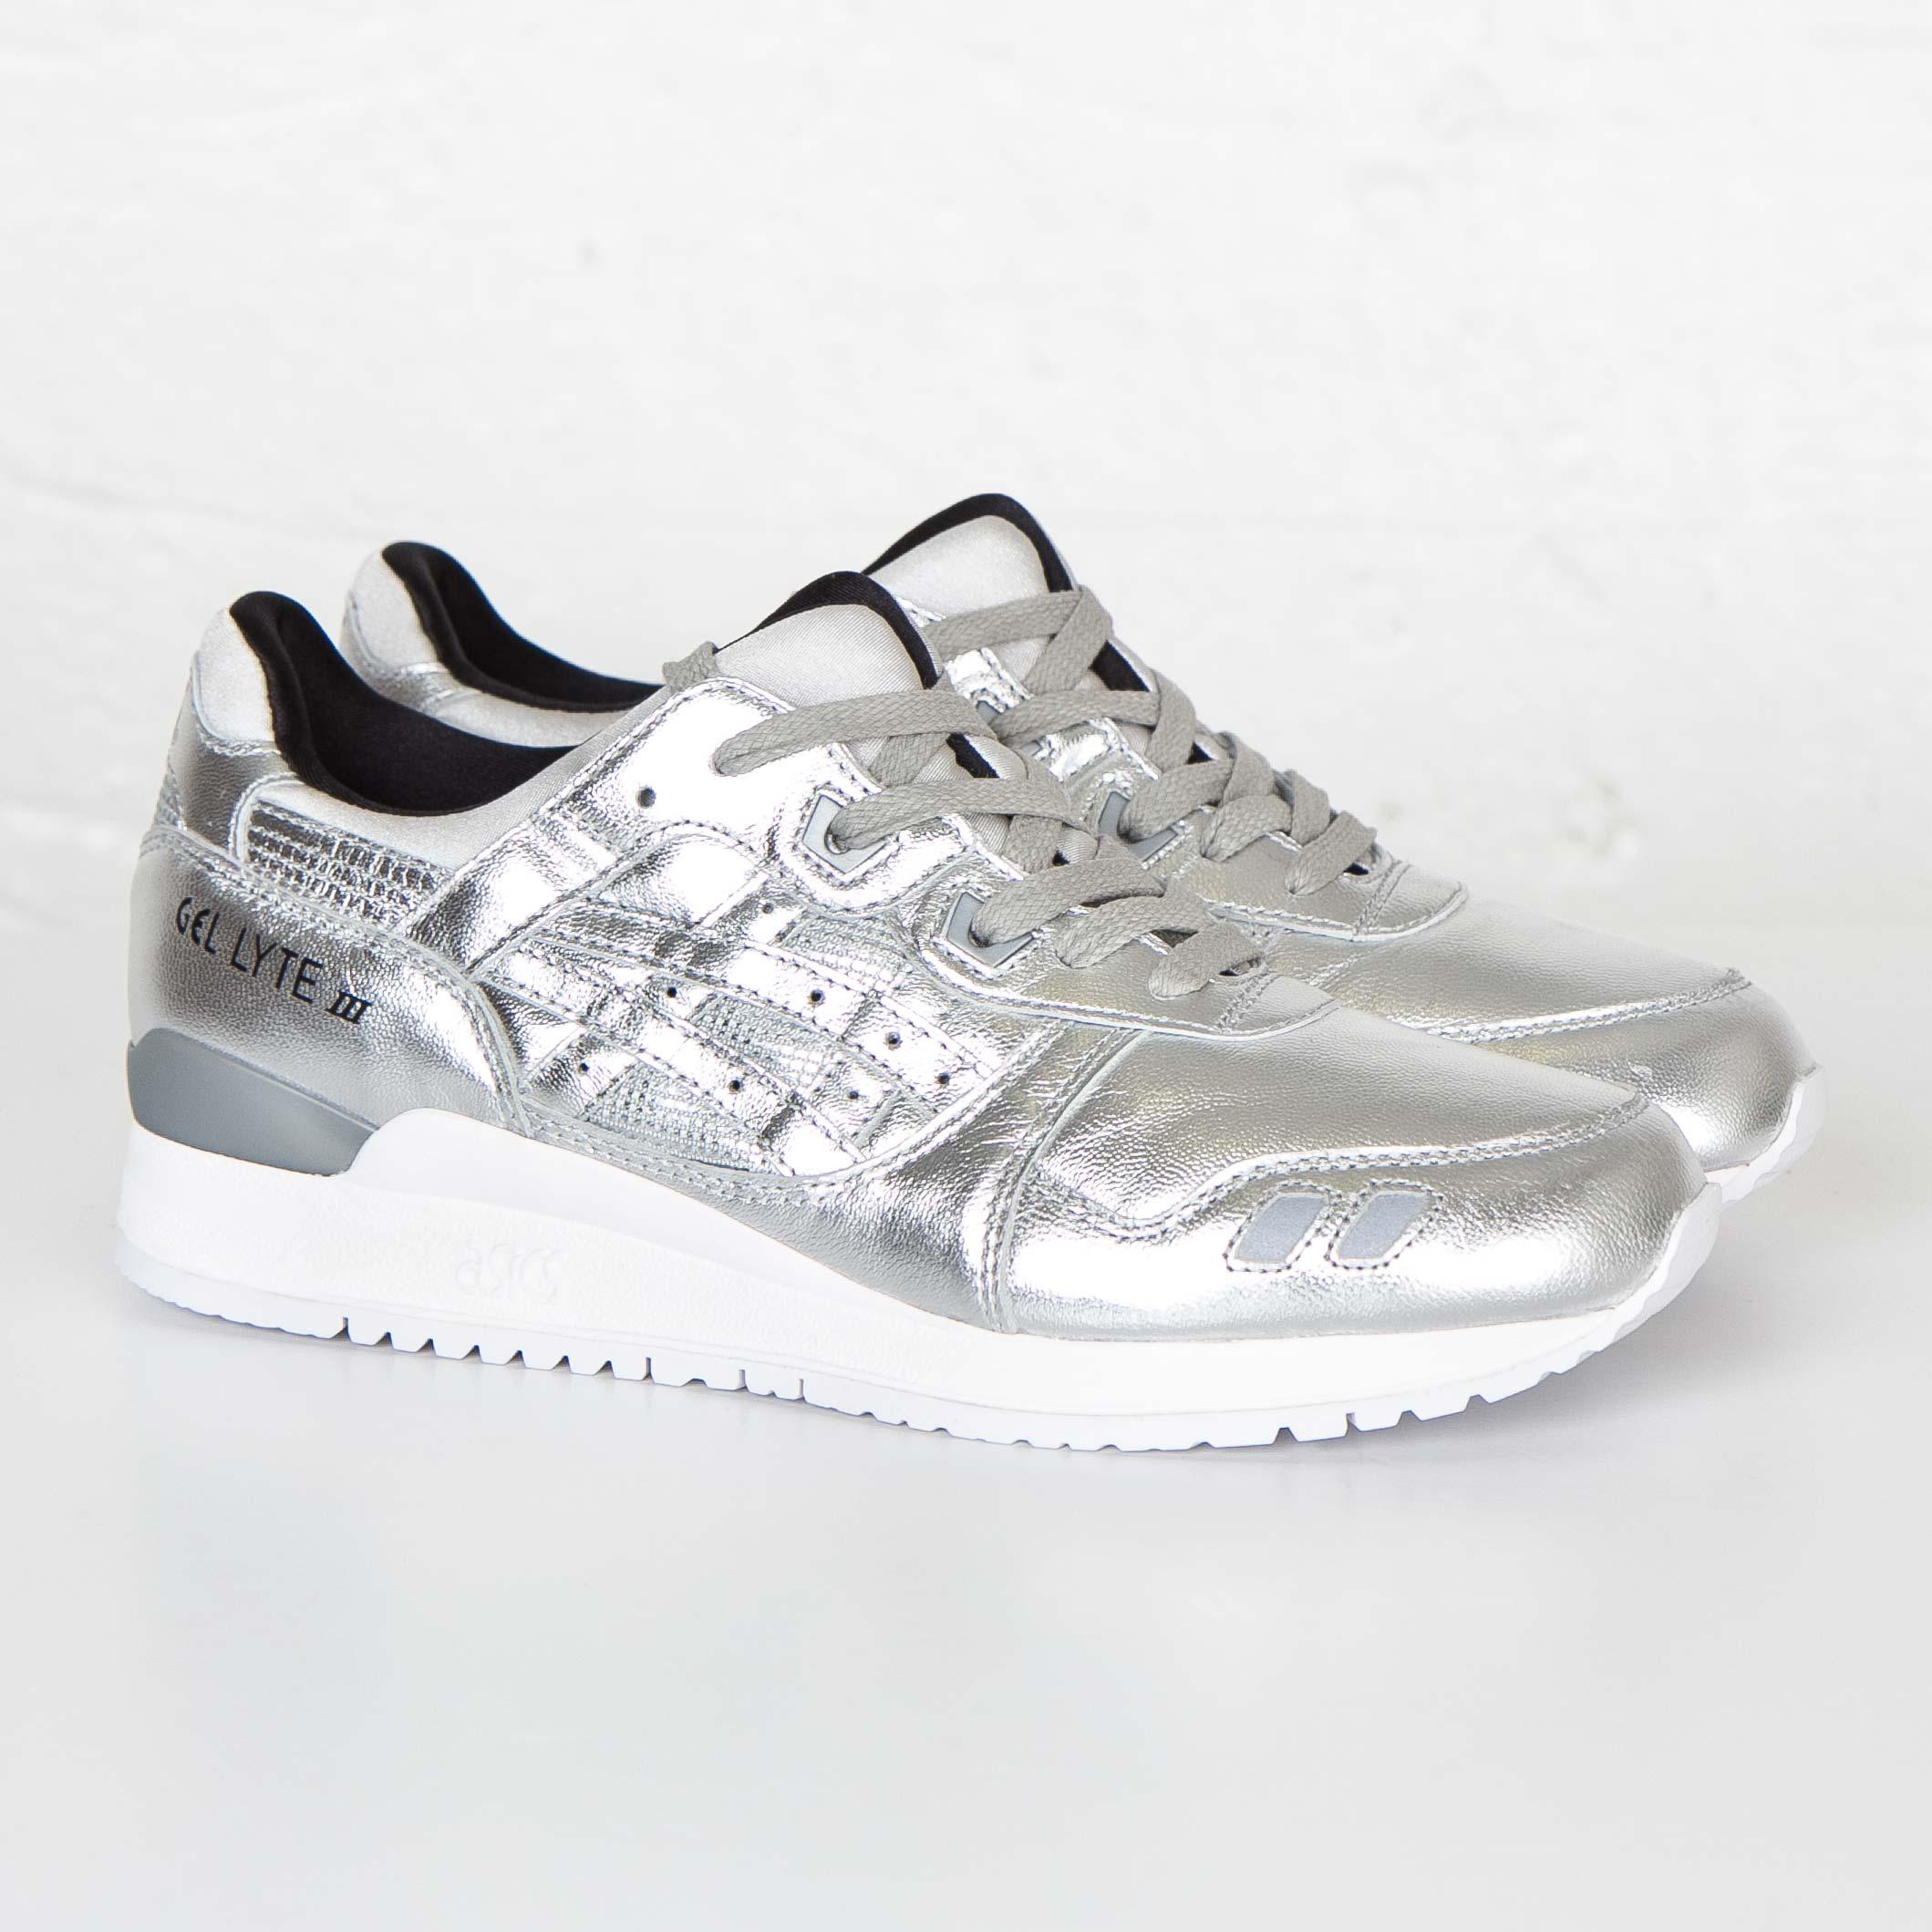 ASICS SportStyle Gel-Lyte III - Hl504-9393 - Sneakersnstuff ...